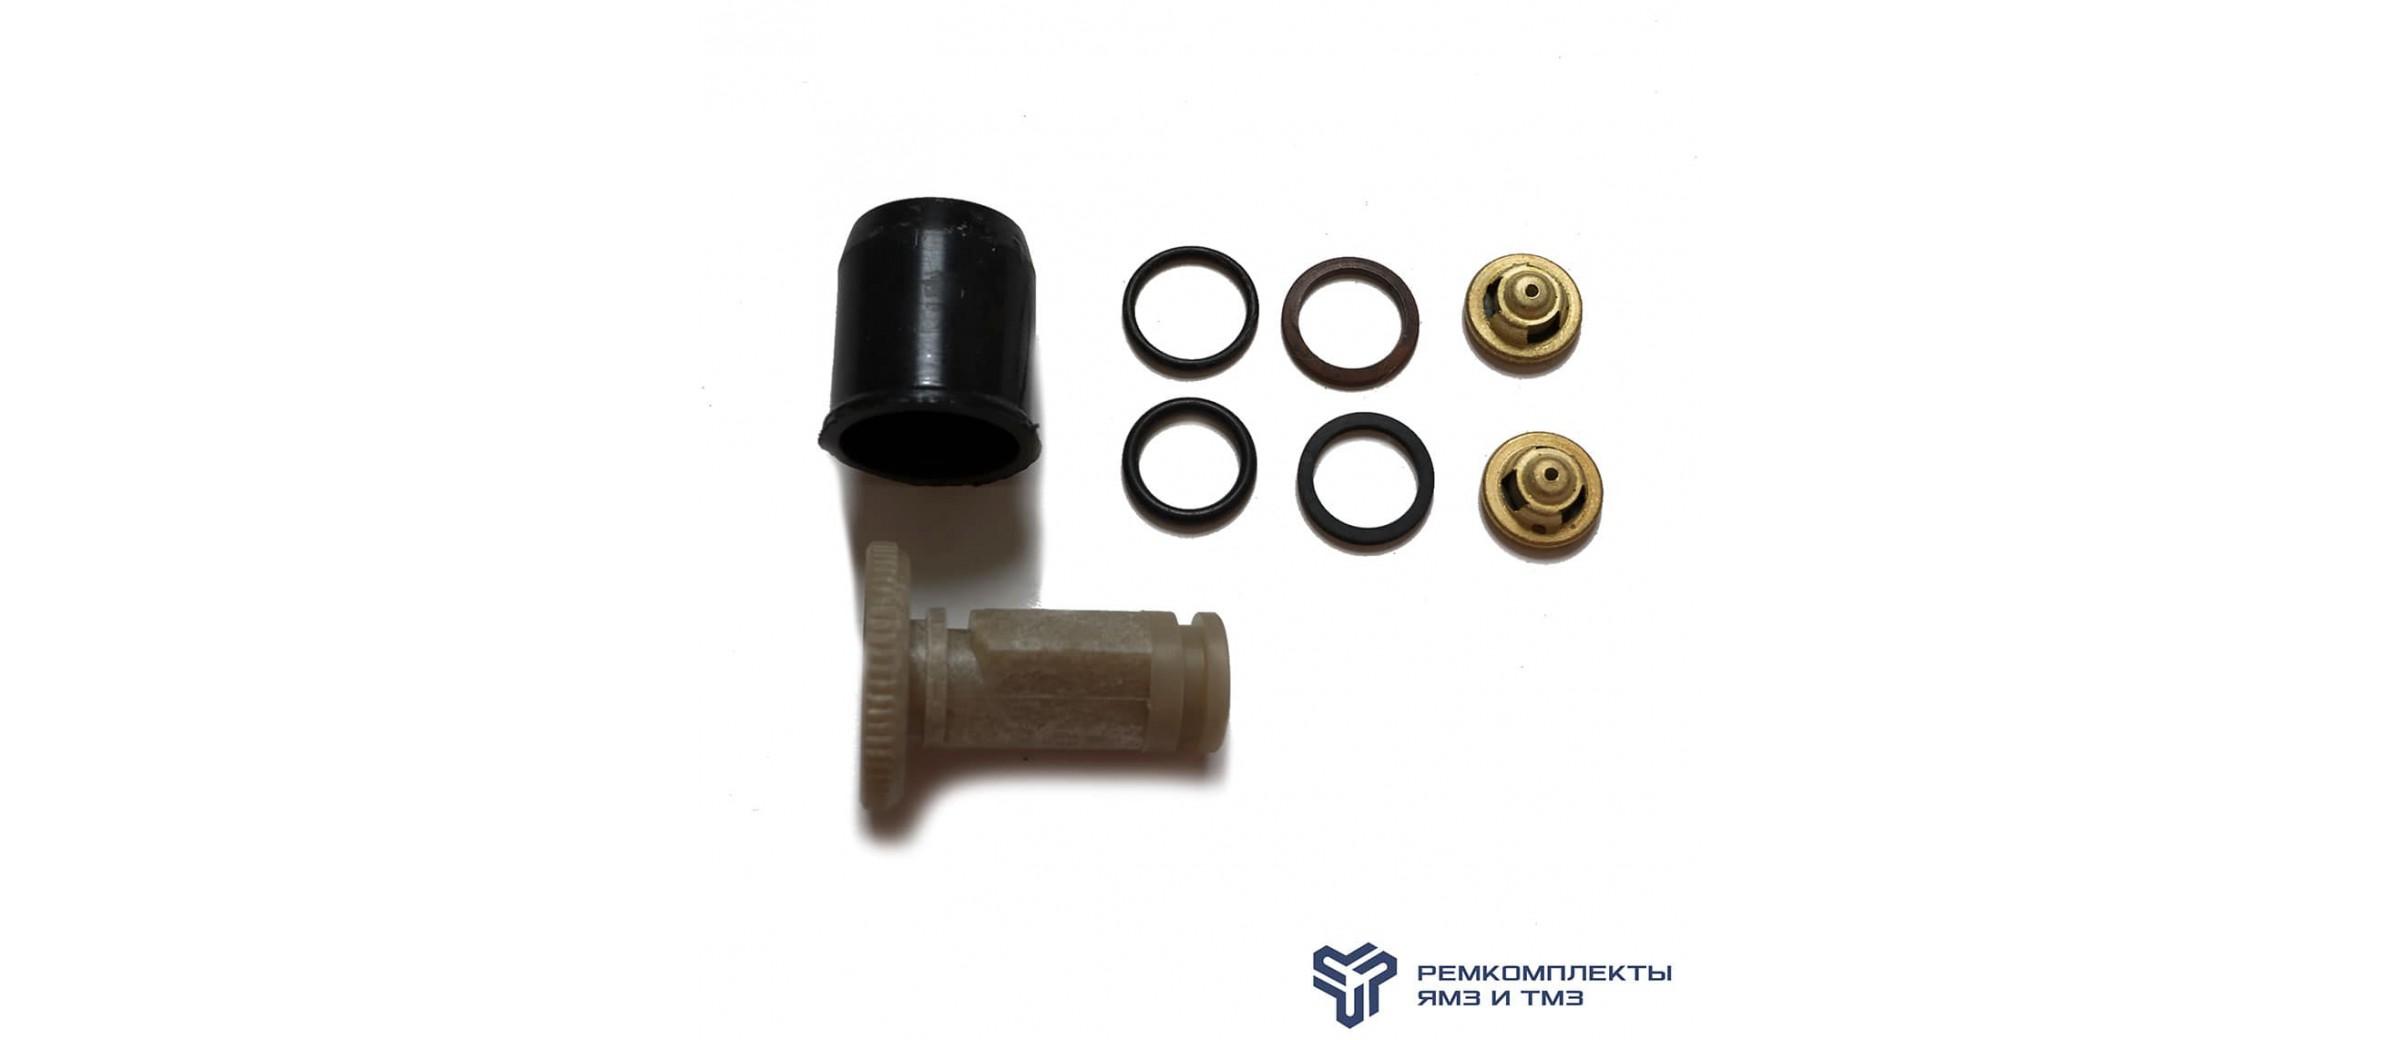 Ремкомплект НППТ 37.1141010 (РТИ,медь,клапан,поршень)